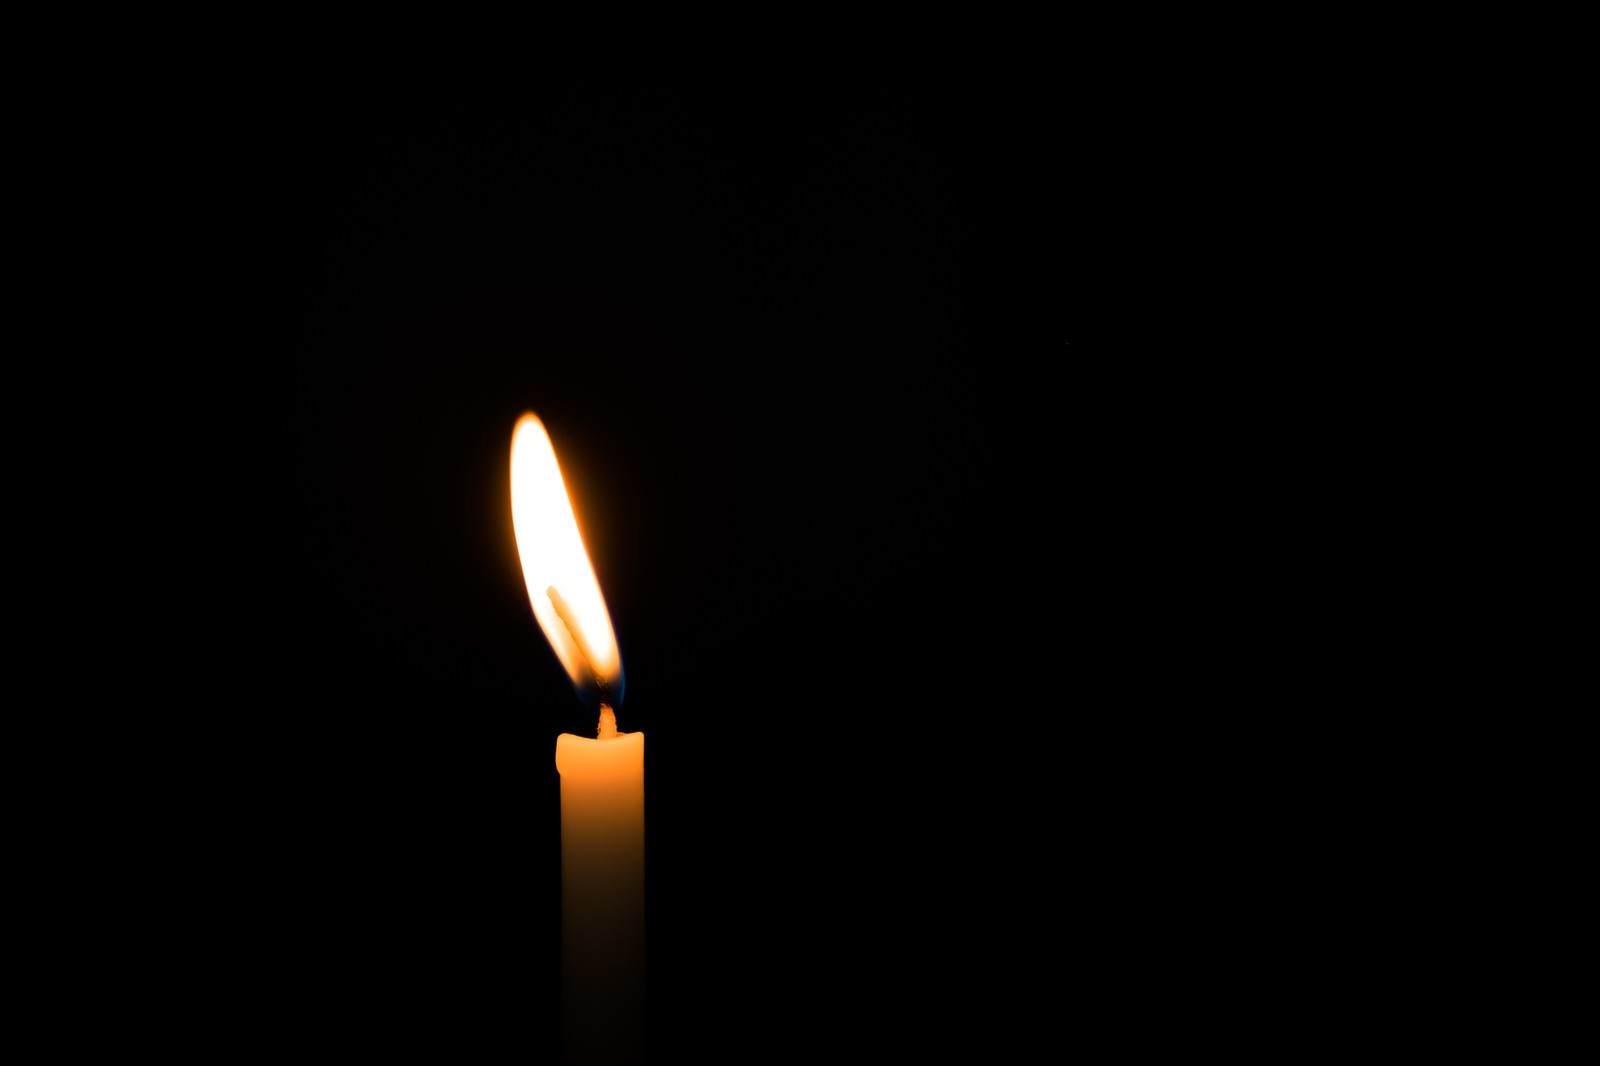 心霊ちょっといい話『消えない蝋燭』など短編全5話